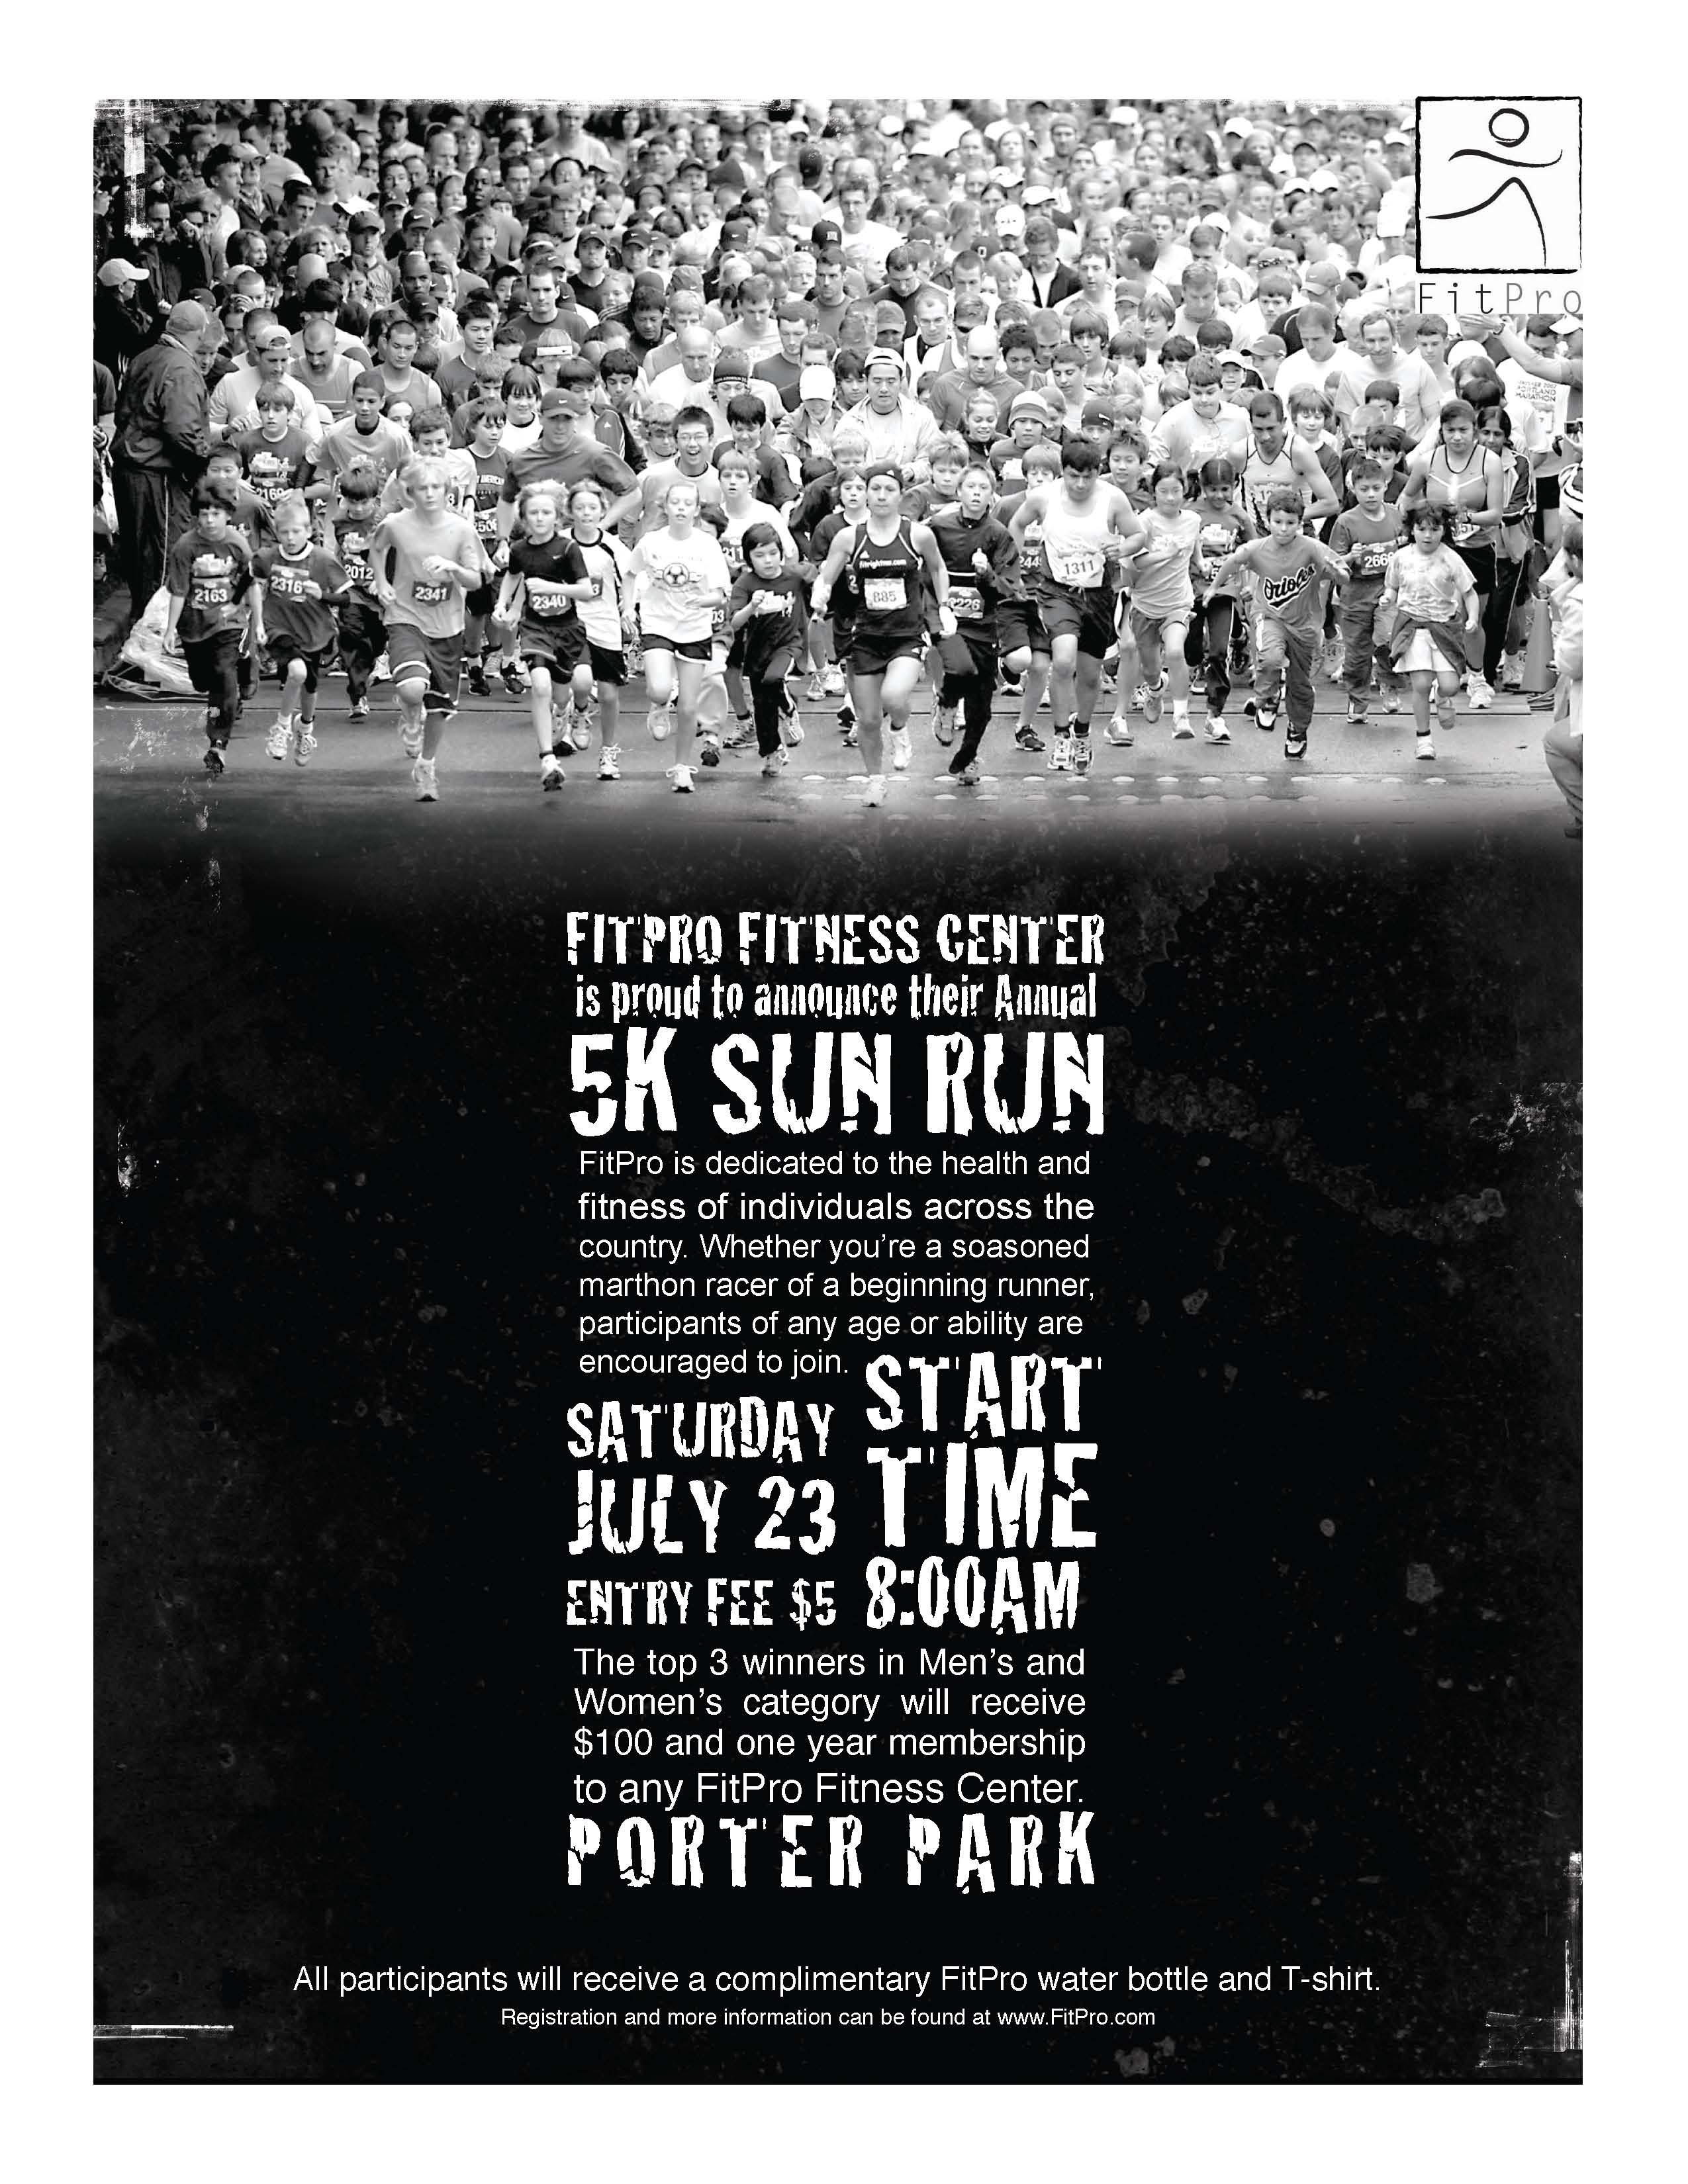 5k-sun-run1